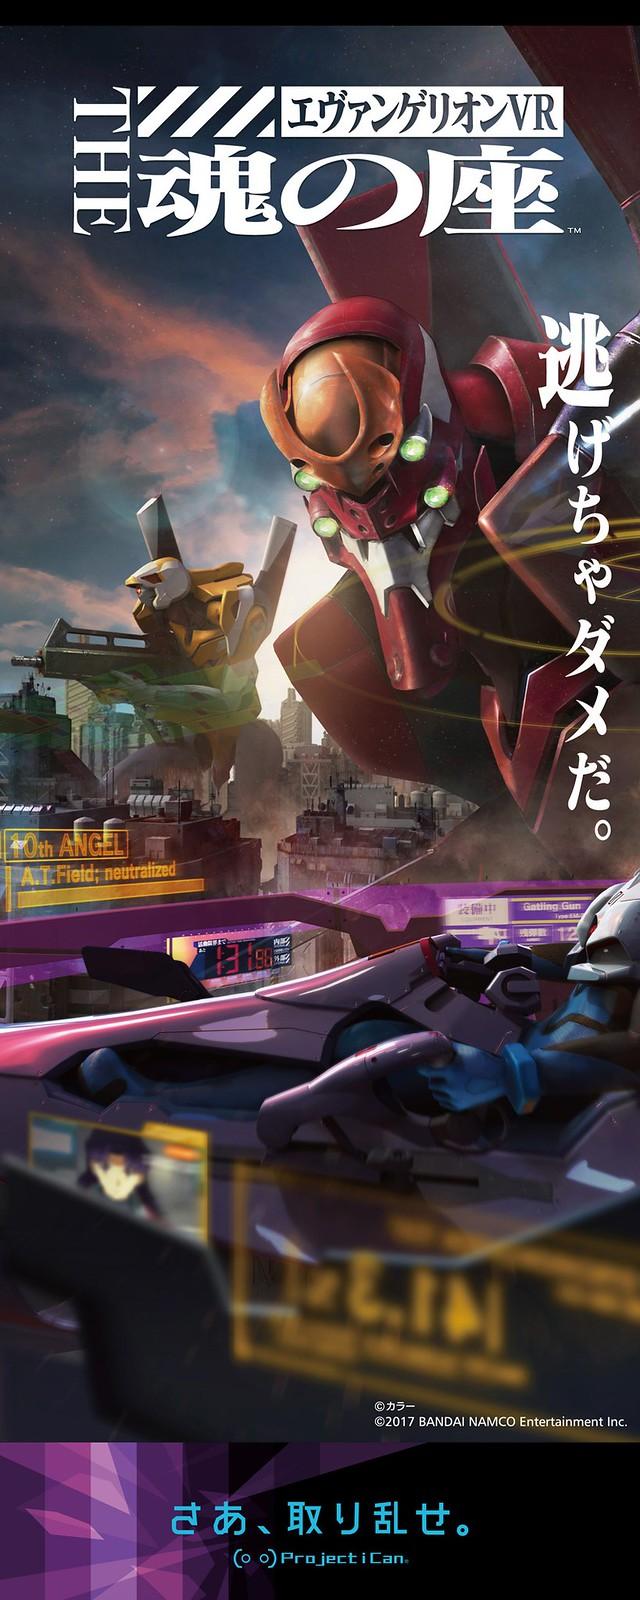 VR史上首款EVA操縱體驗!「エヴァンゲリオンVR The 魂の座」今夏登場!